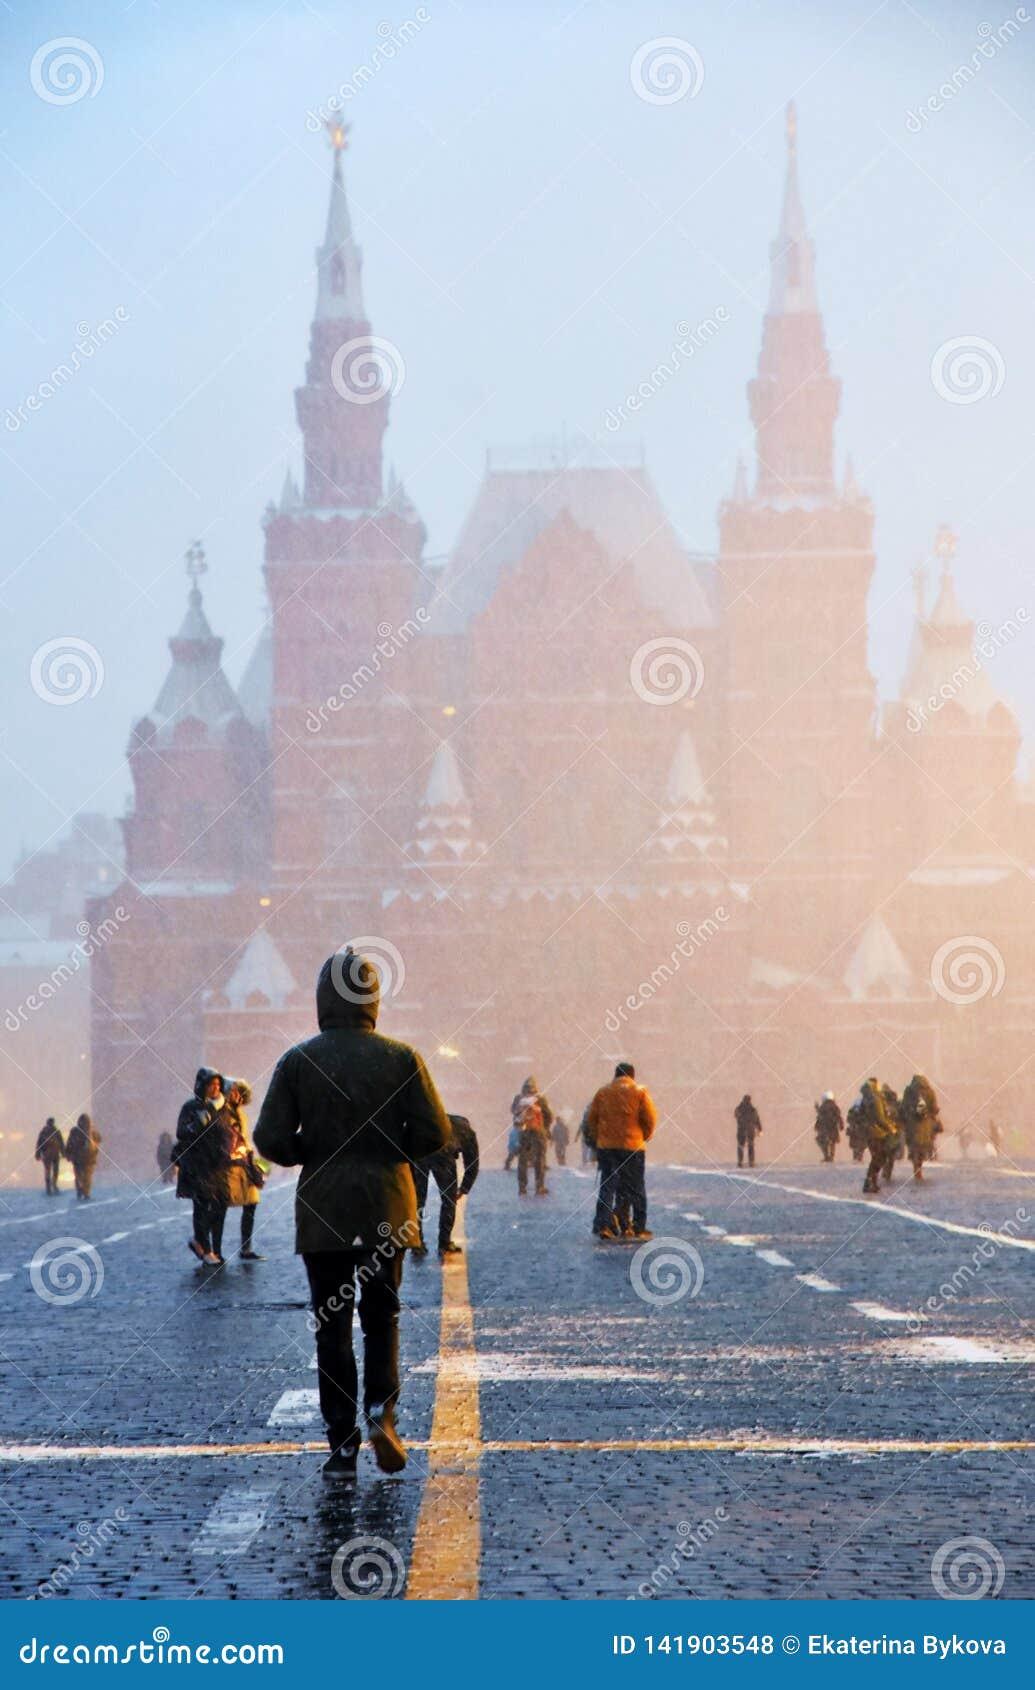 Extreme Schneefälle auf dem Roten Platz in Moskau